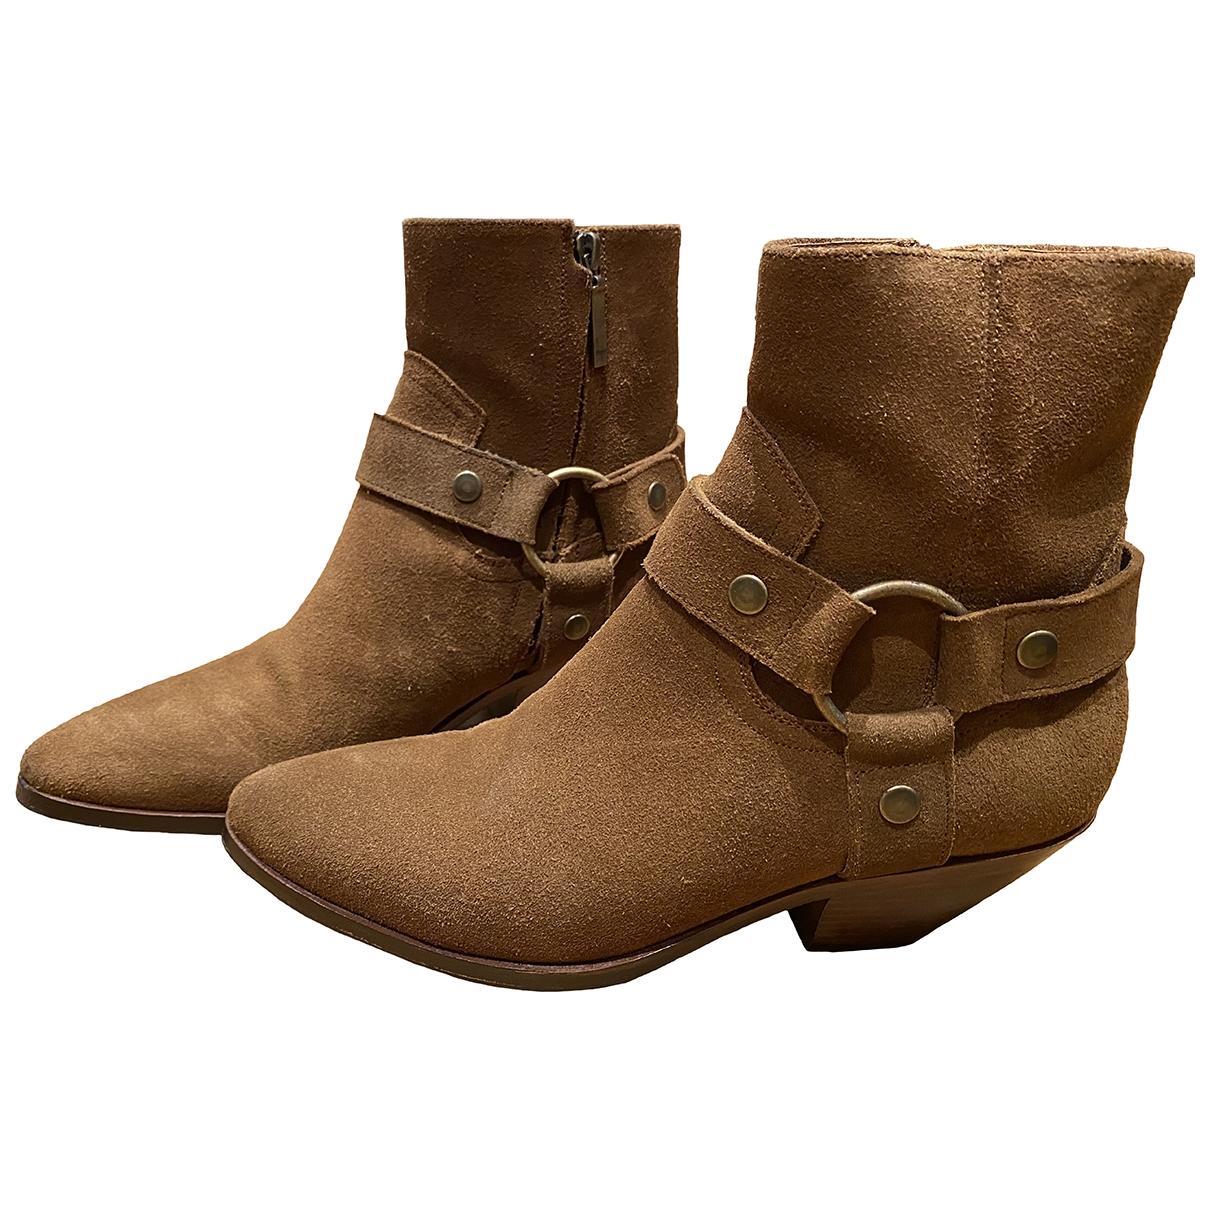 Saint Laurent West Chelsea Camel Suede Ankle boots for Women 38 EU